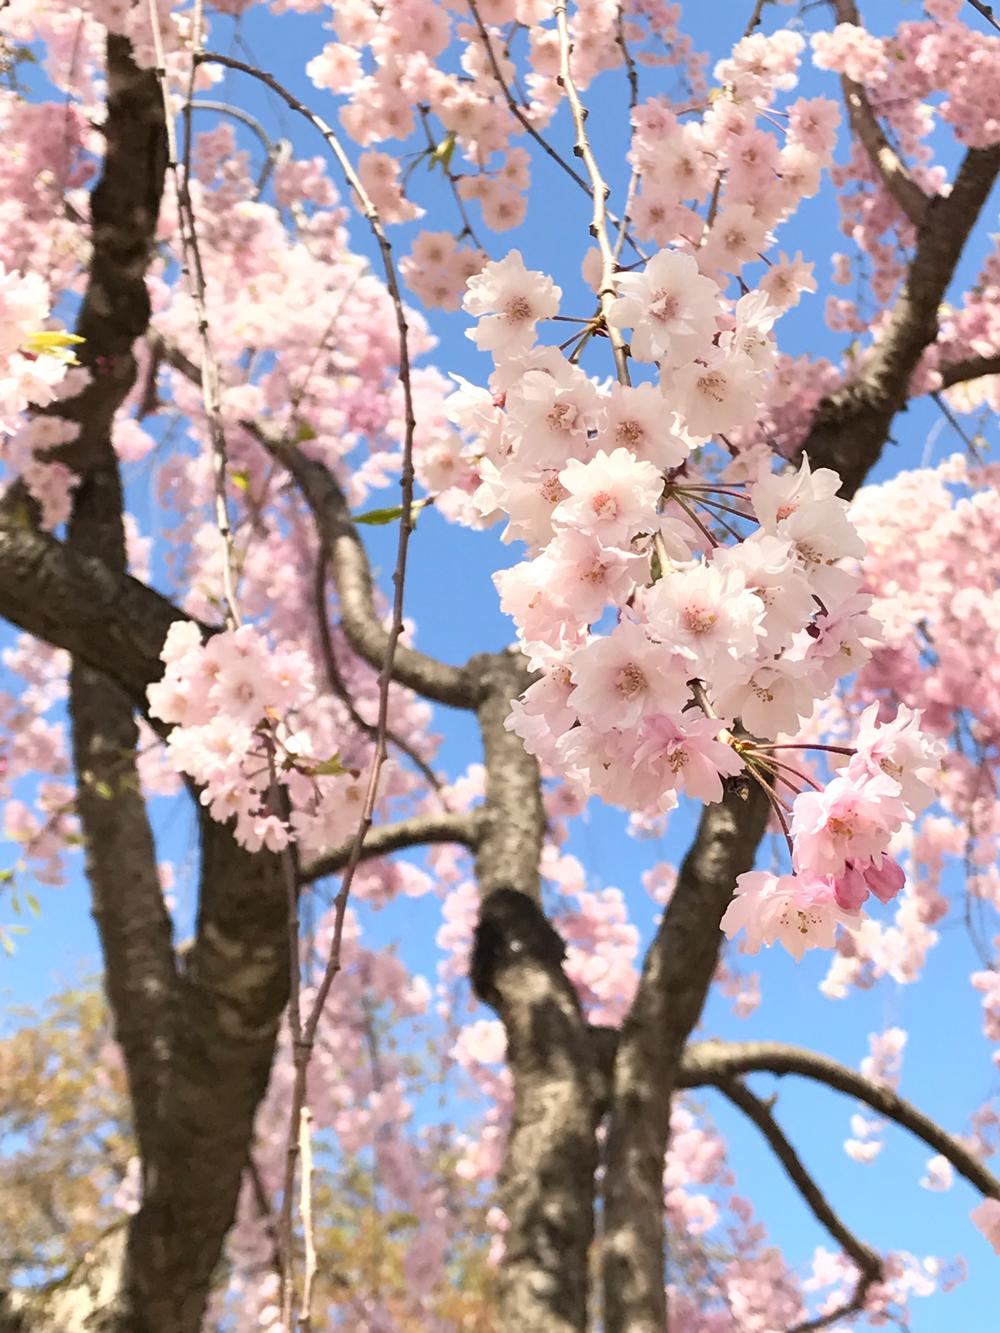 2017年5月3日付 弘前公園さくら情報(第21回)【弘前公園・弘前城】シダレザクラ